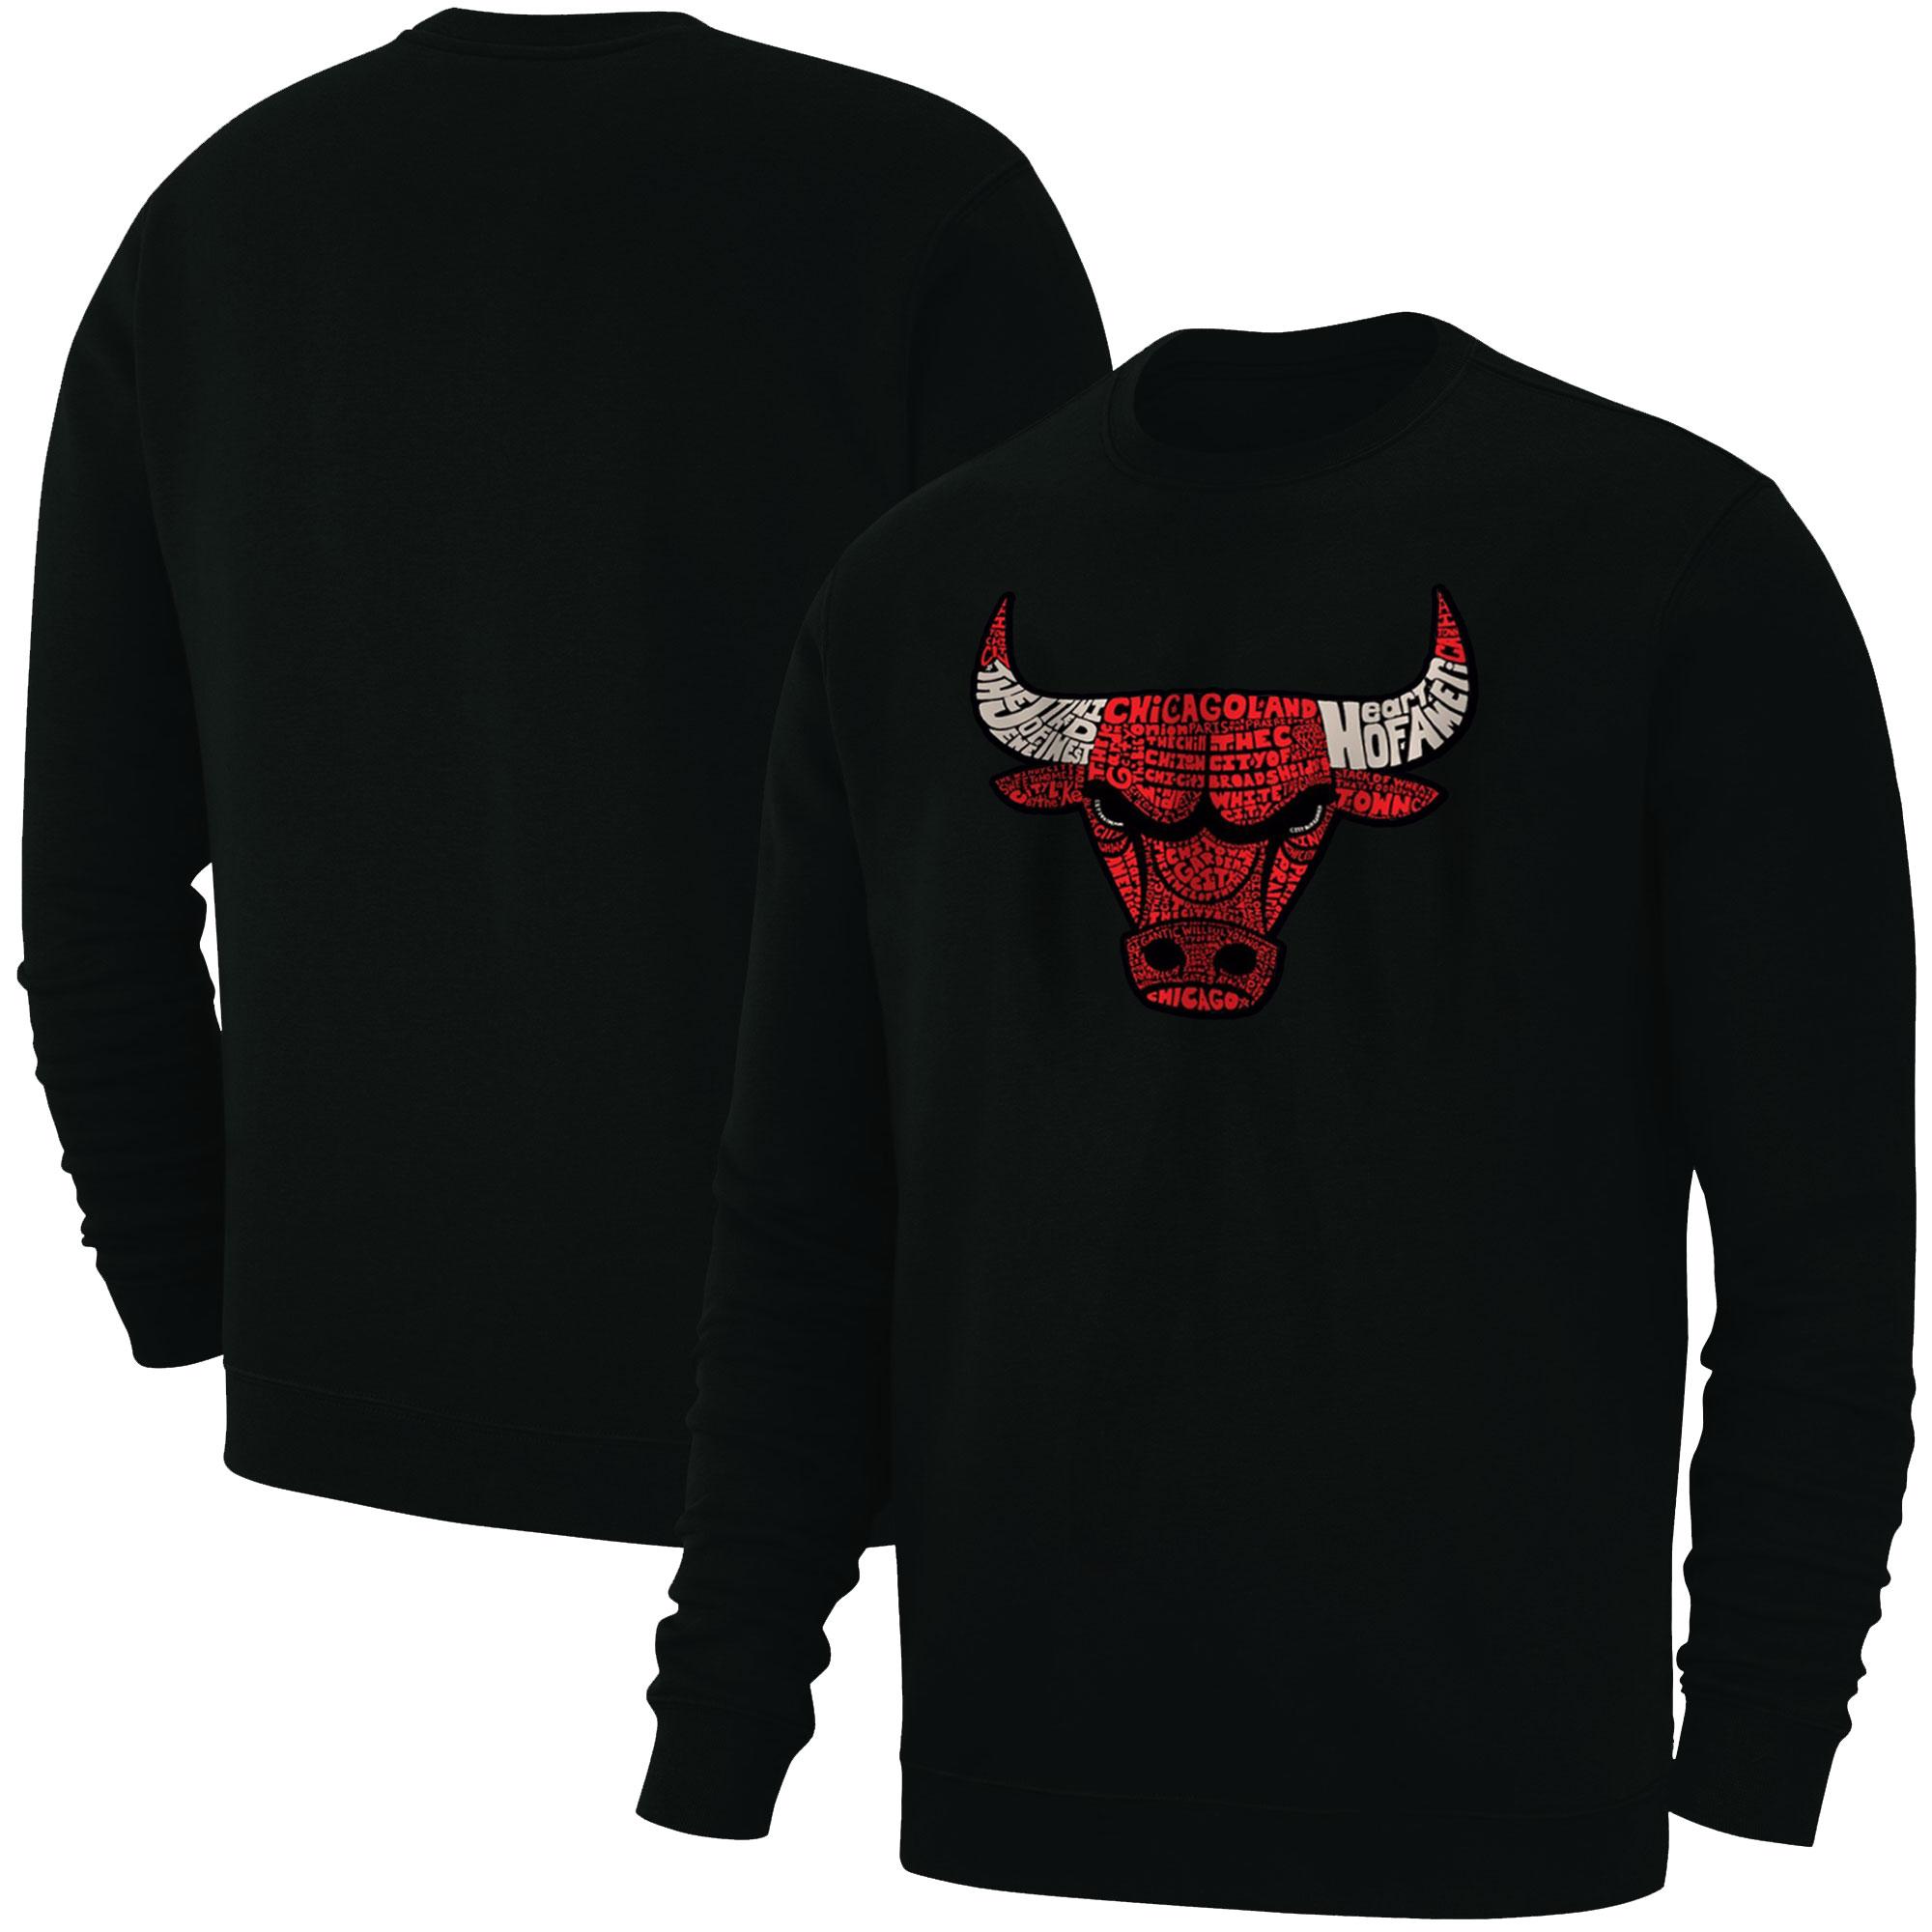 Chicago Bulls Basic (BSC-BLC-NP-517-NBA-CHI-BULLS)